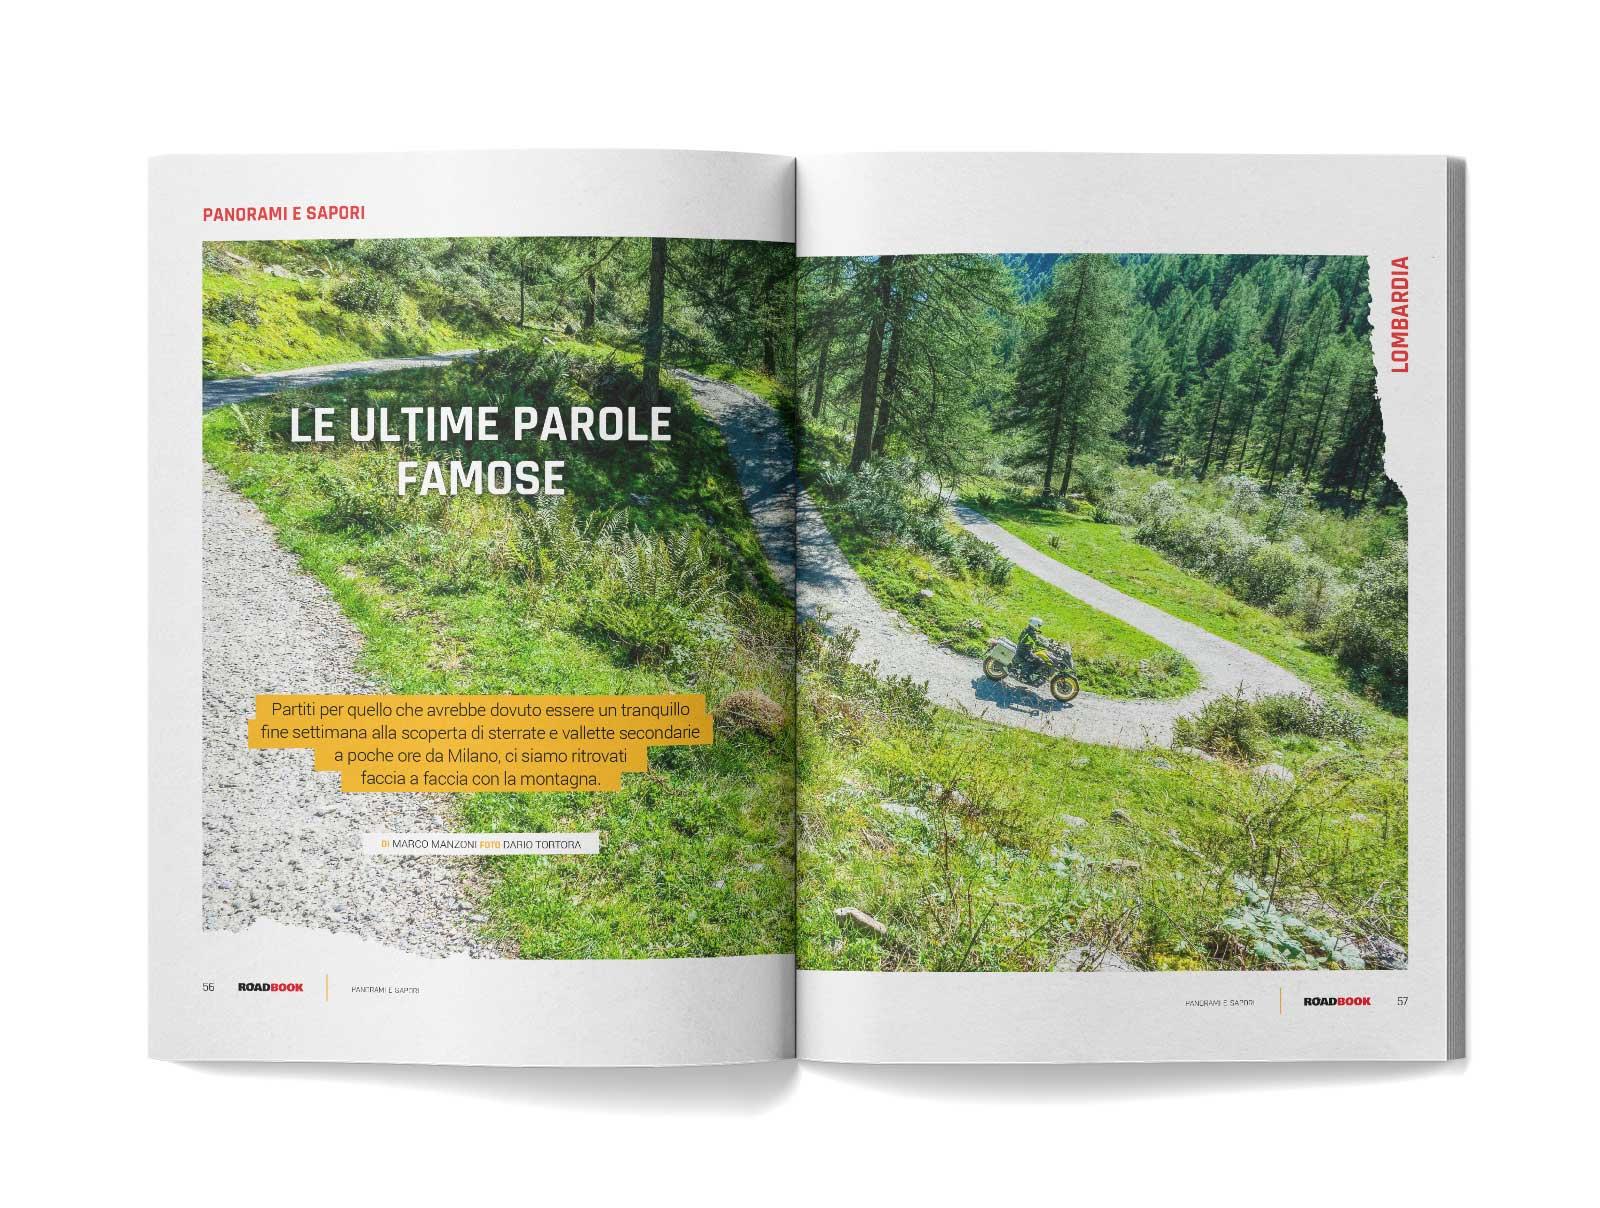 MotoADVenture cura l'intera redazione della rivista RoadBook, sia cartacea che online